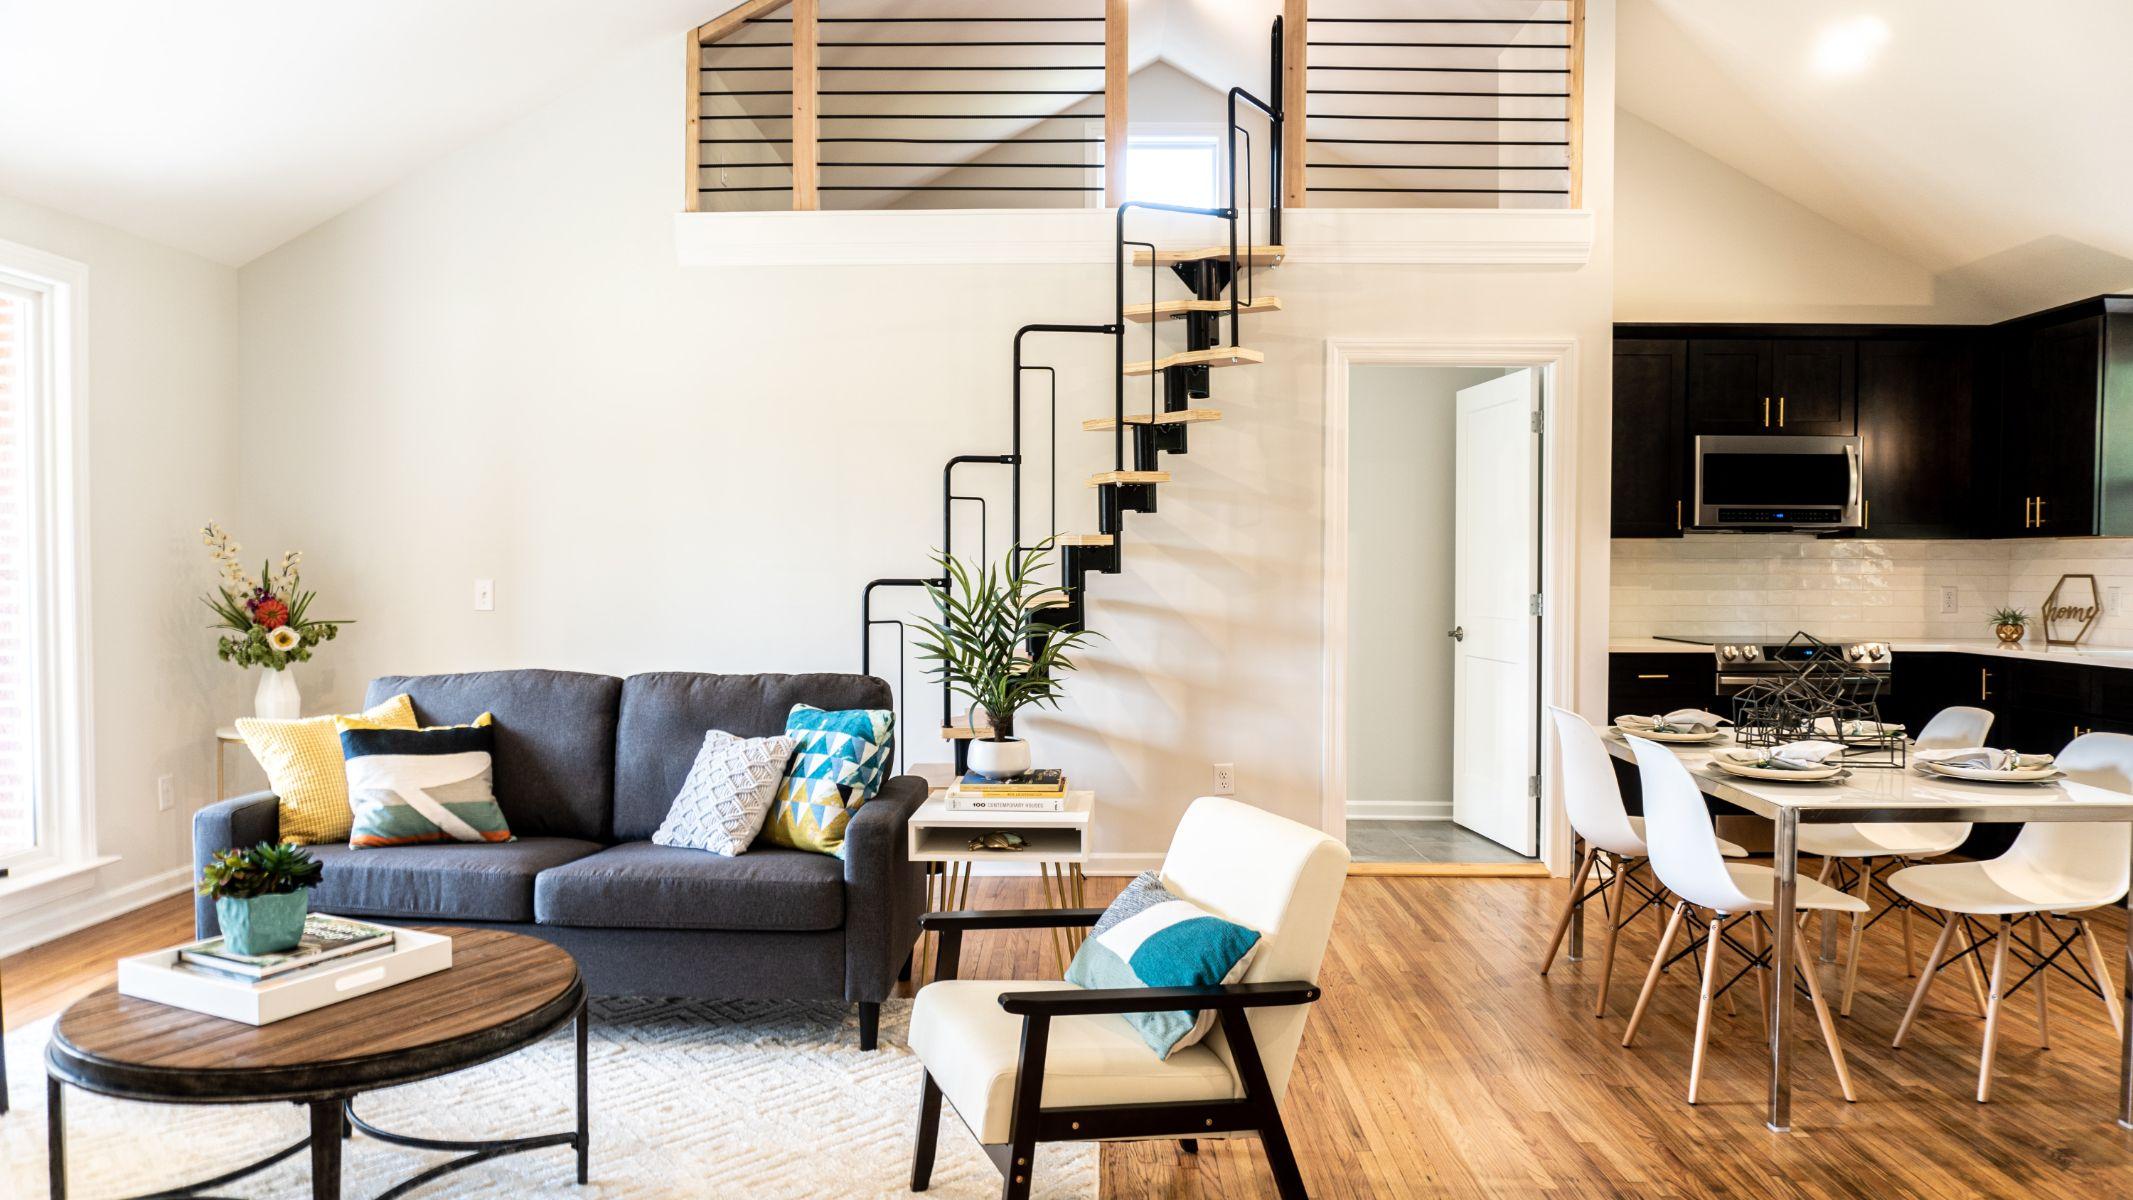 Trendy apartment interior